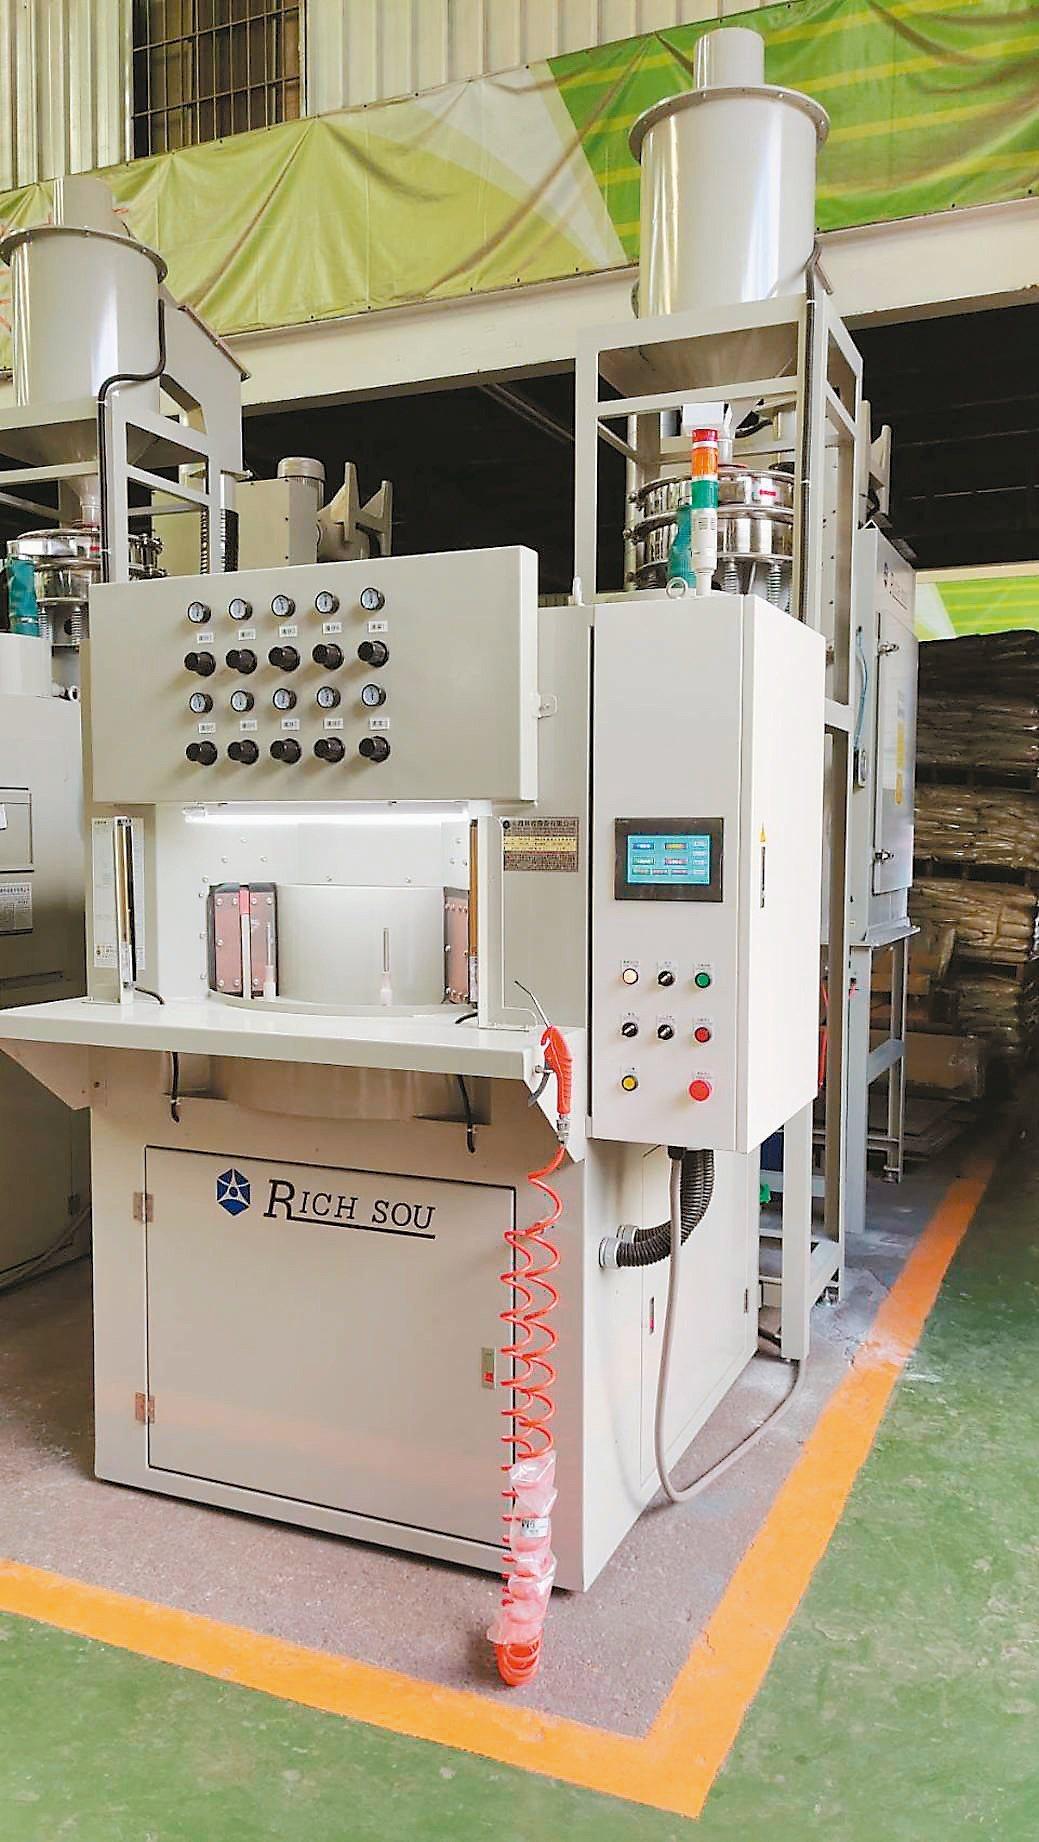 大鎪科技推出更高規格的「圓盤式自動噴砂機」,幫助客戶運用在高精密加工製程優化產品...